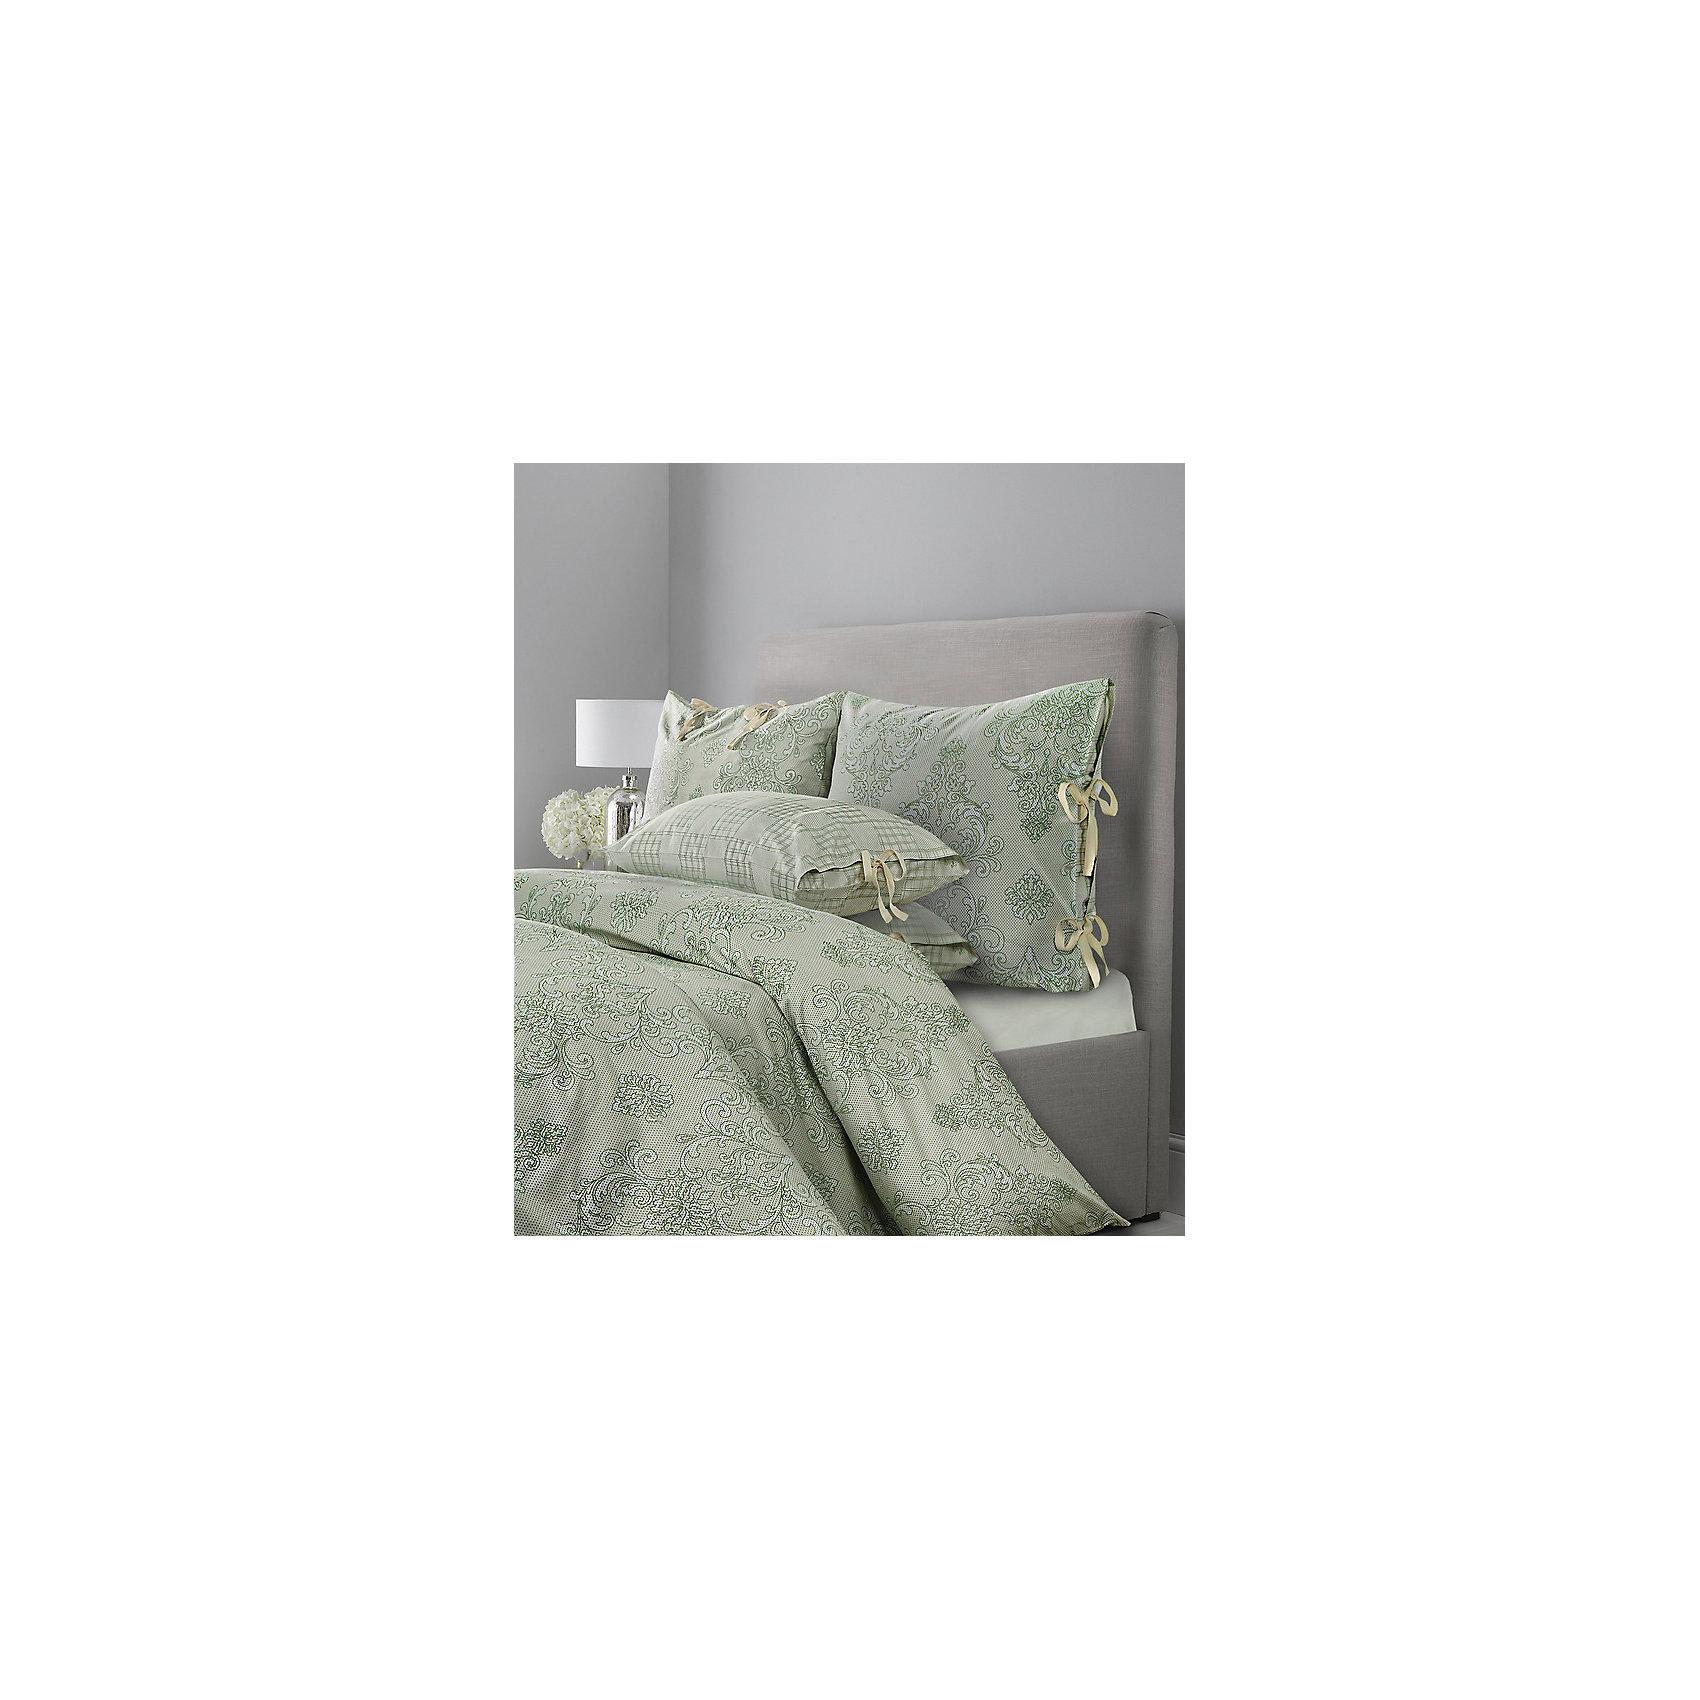 Мона Лиза Постельное белье SL Chalet, 2-спальный, 70*70 50х70 сатин, Mona Liza, зеленая олива постельное белье mona liza комплект постельного белья 2сп pet н 2 70 70 н 2 50х70 sl сатин панно